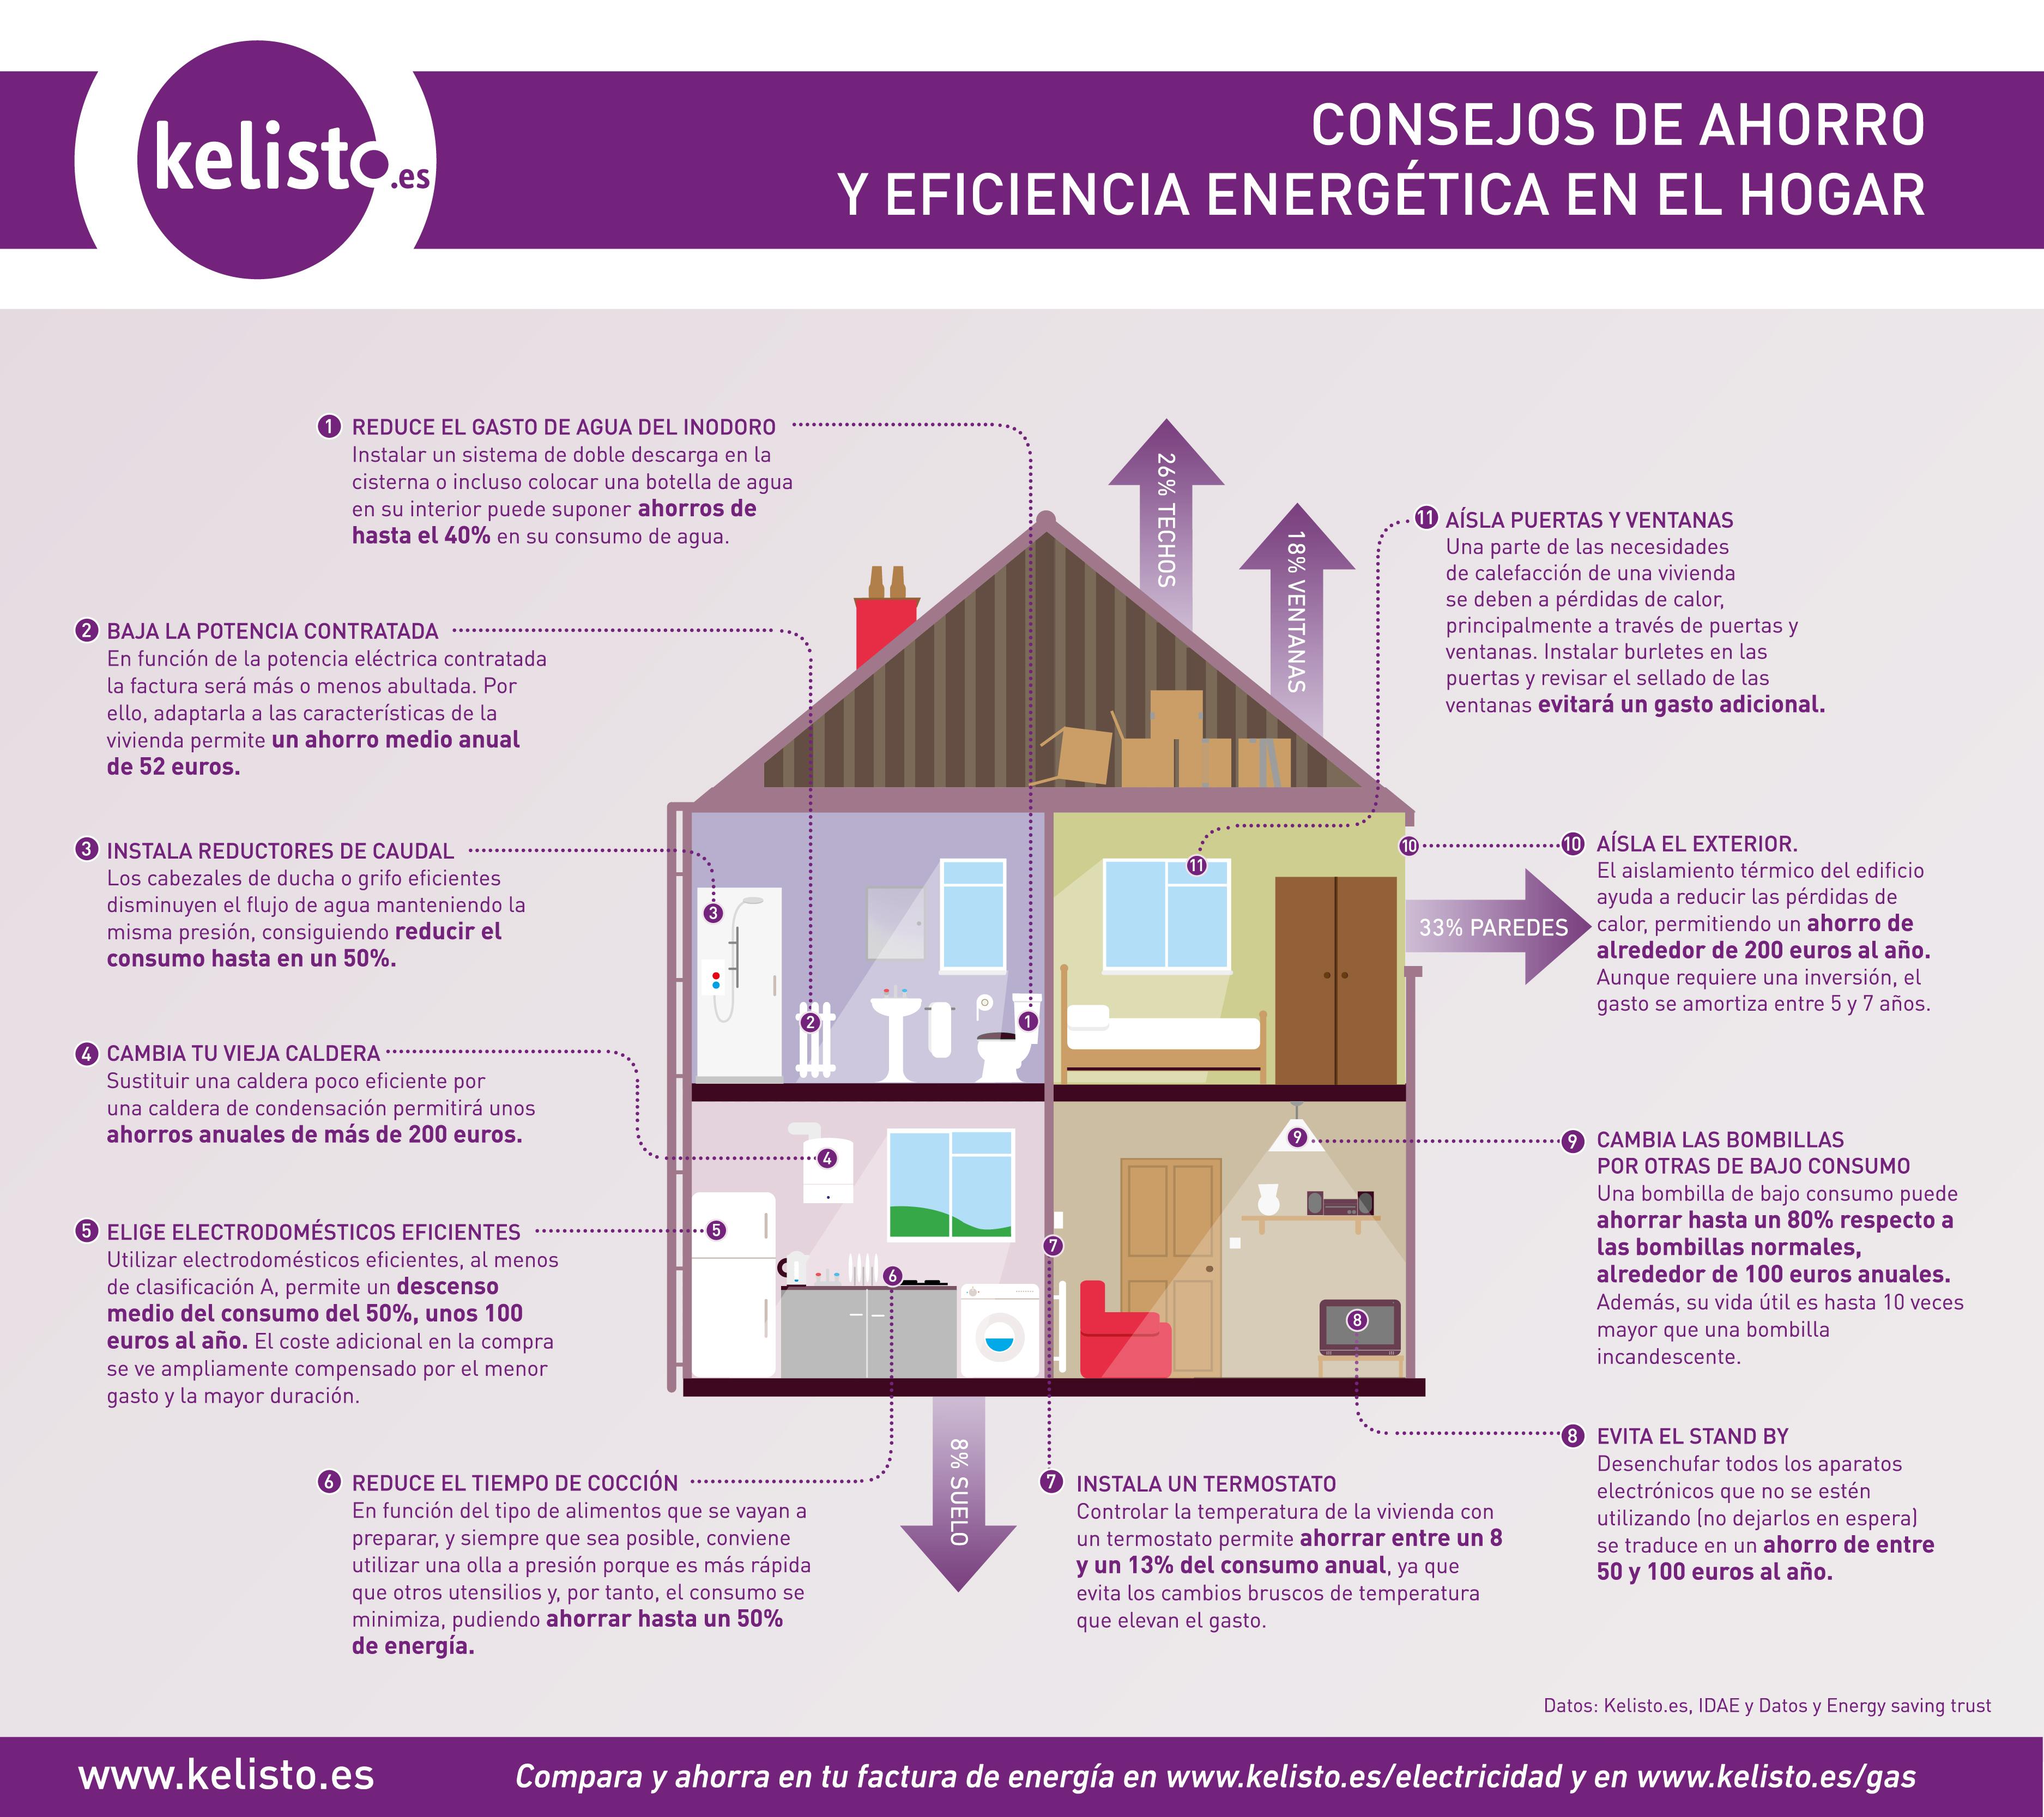 Kelistoes_infografiaeficienciaenergetica_def